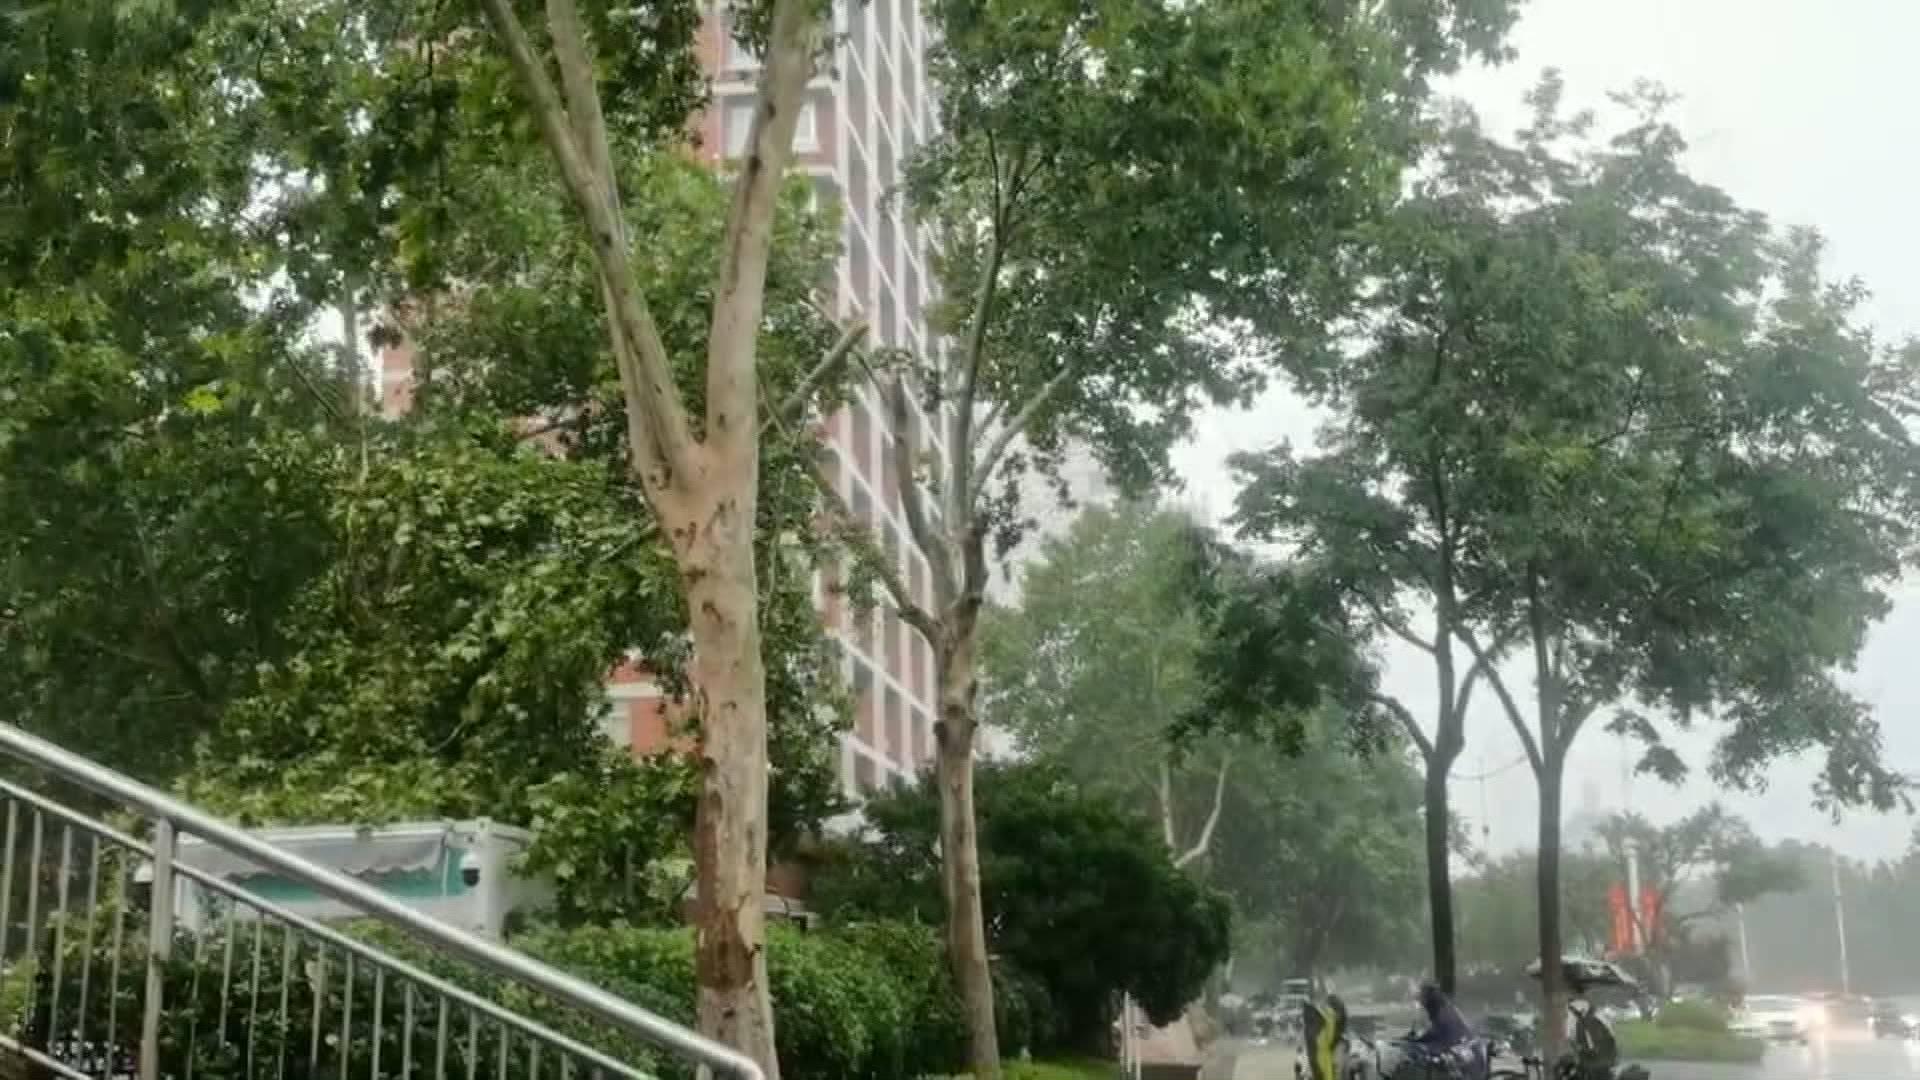 济南再下瓢泼大雨,菏泽、济宁、聊城等12市今天下午将有明显强对流天气